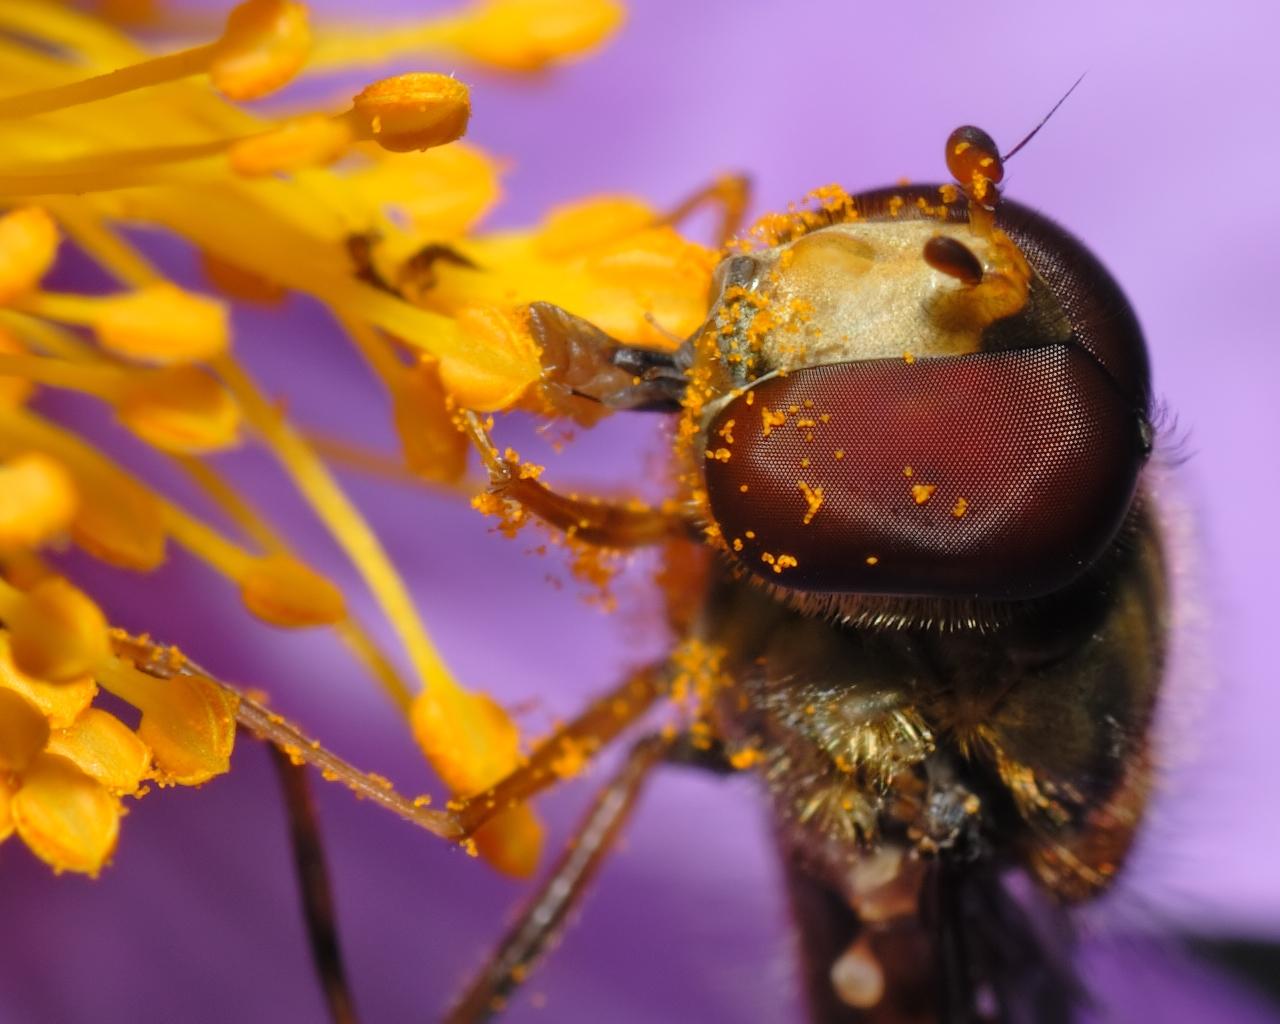 школе картинка как пчела опыляет цветок отлично сочетается